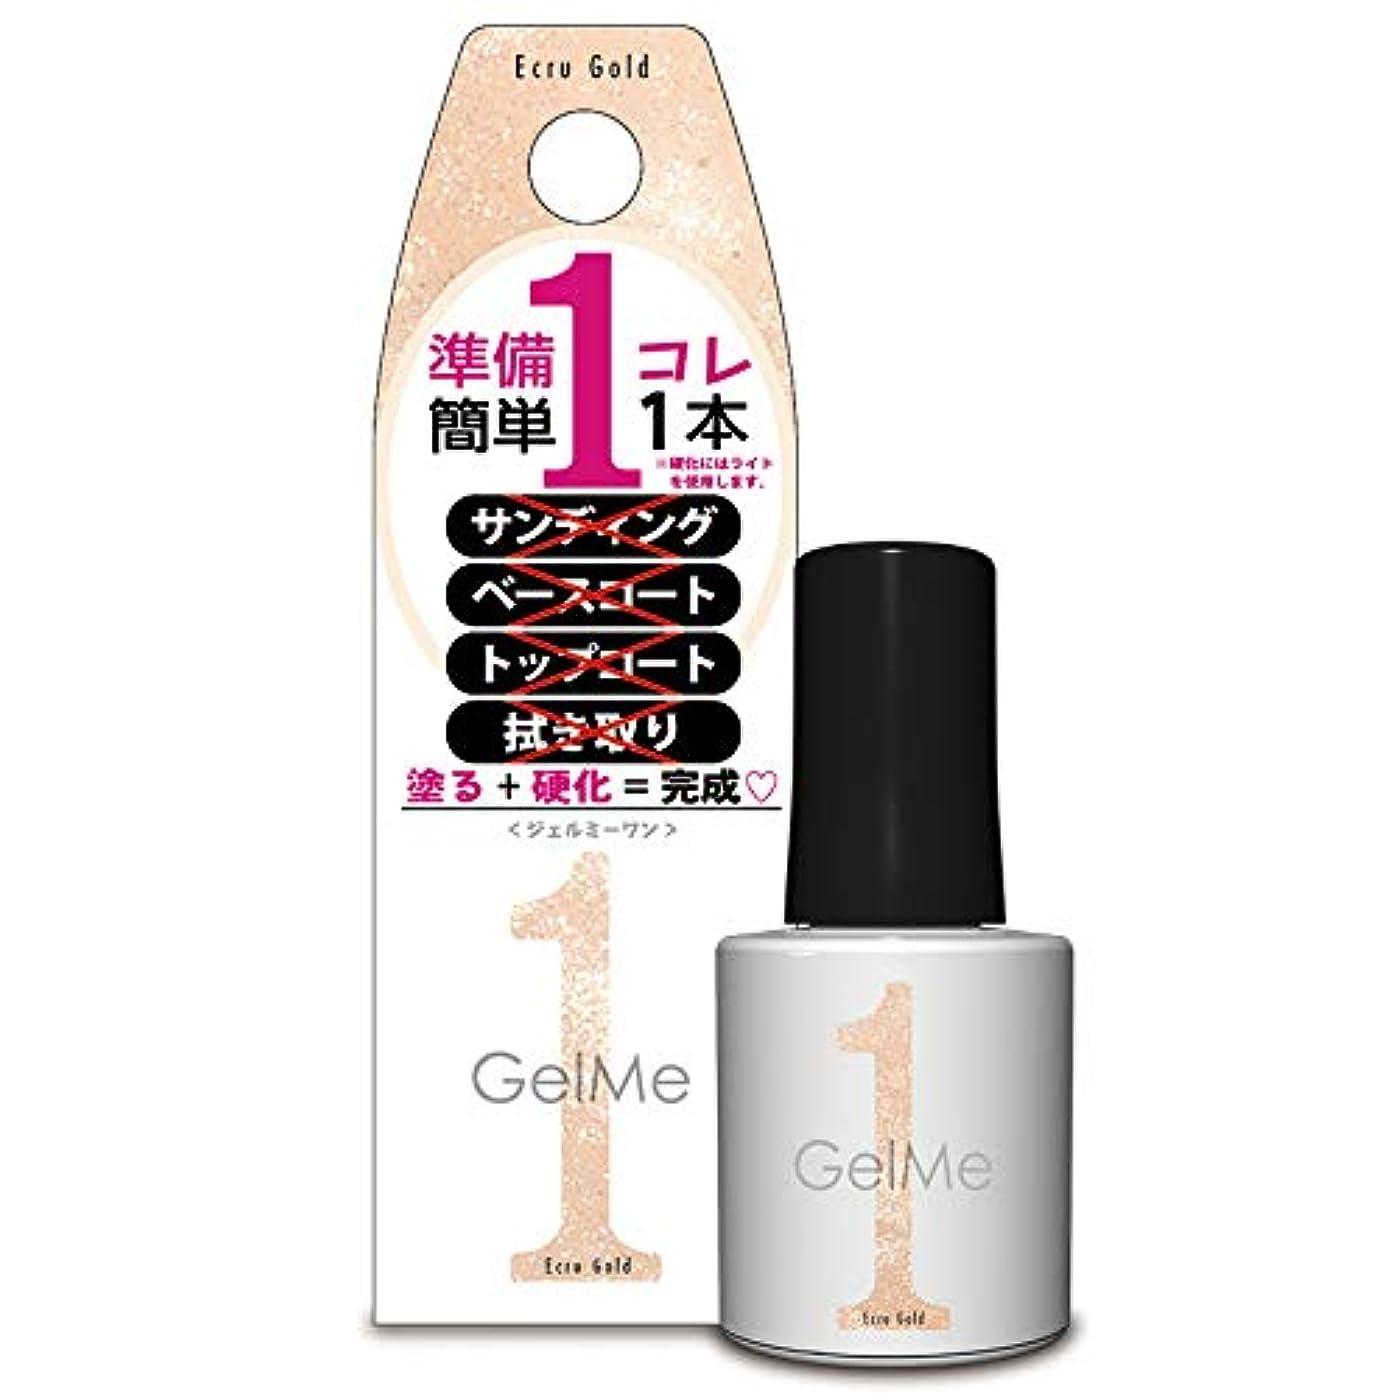 アリーナシャッフル汚染Gel me 1(ジェルミーワン) ジェルミーワン 79 エクリュゴールド ジェルネイル 10ml